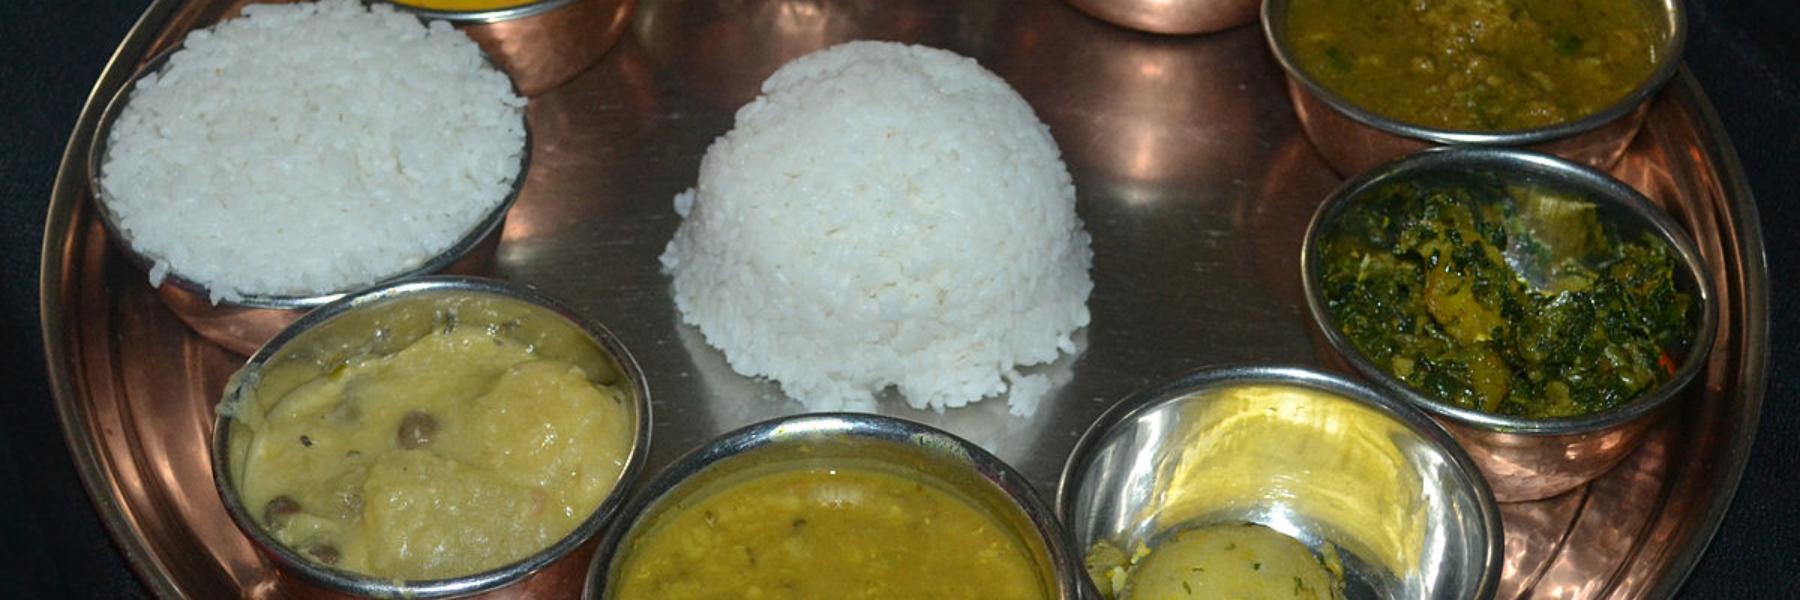 1200px-Assamese_thali